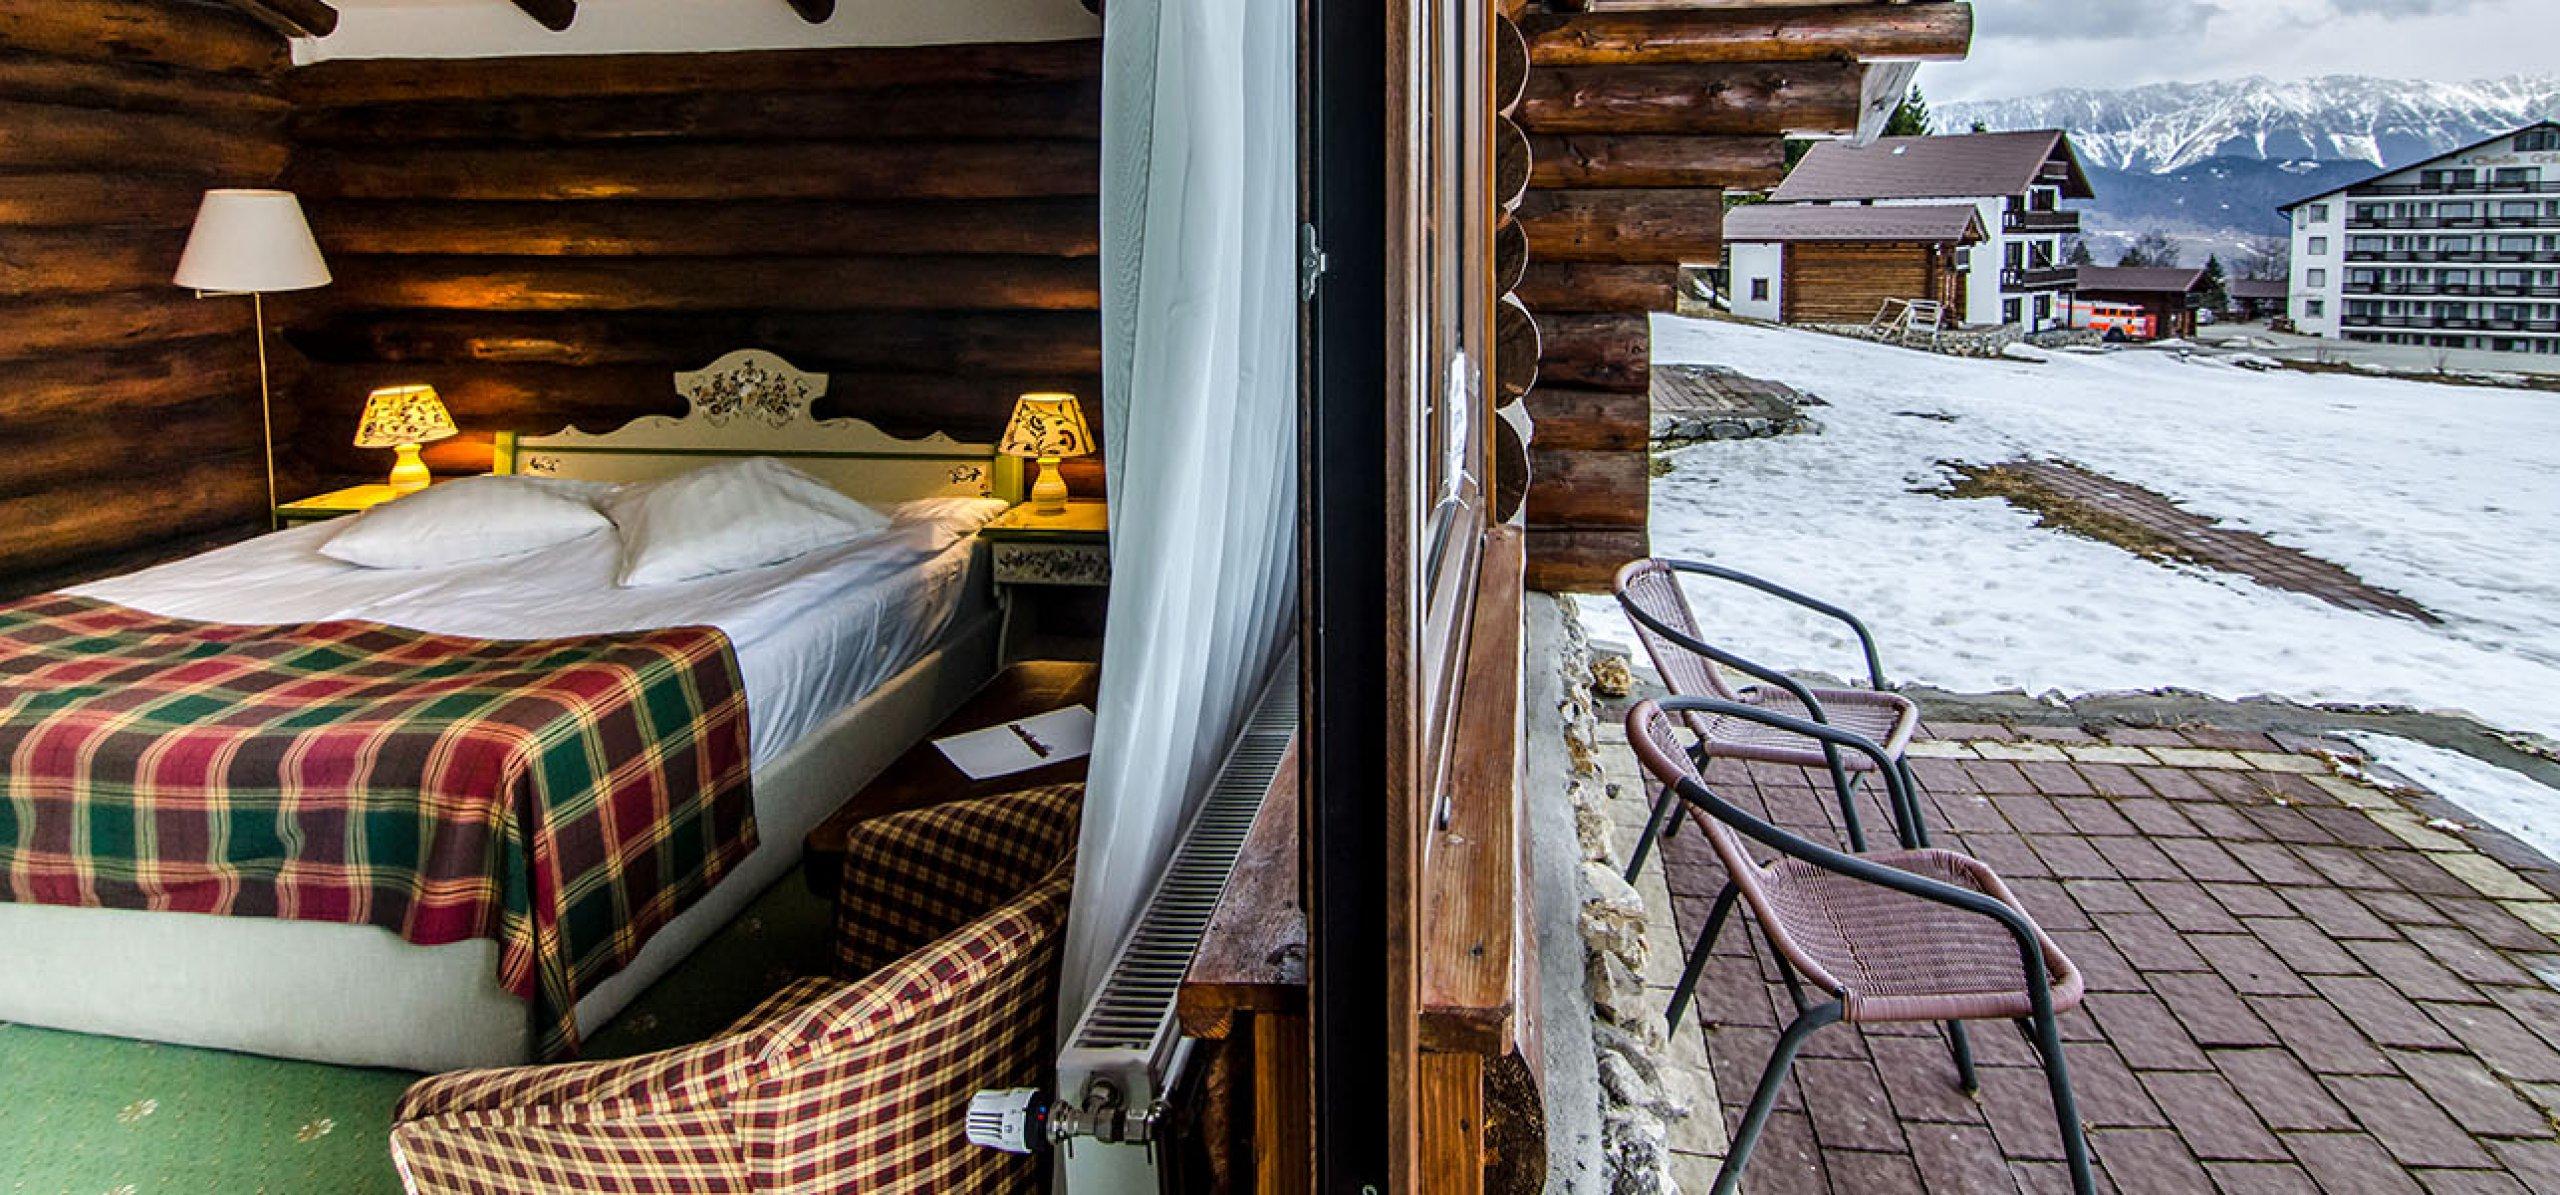 camera-dubla-matrimoniala-terasa-vila-bujorul-cheile-gradistei-fundata